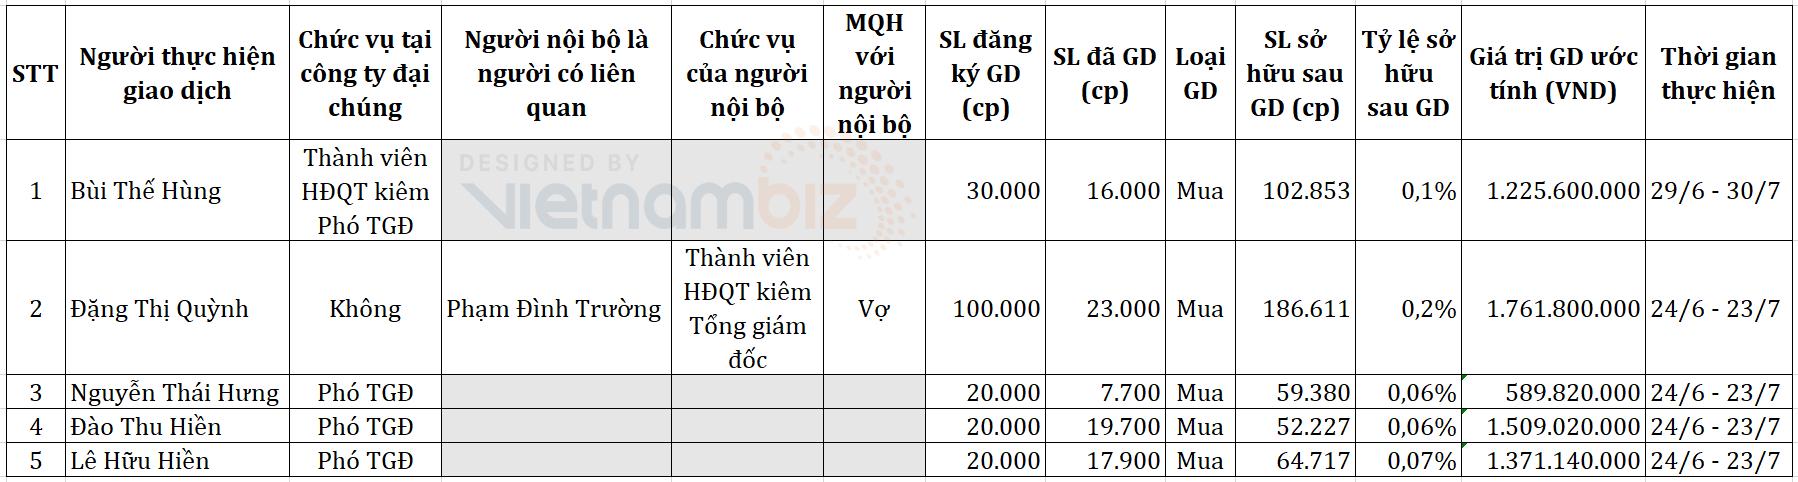 Ban lãnh đạo Viettel Construction đồng loạt mua vào cổ phiếu CTR - Ảnh 1.